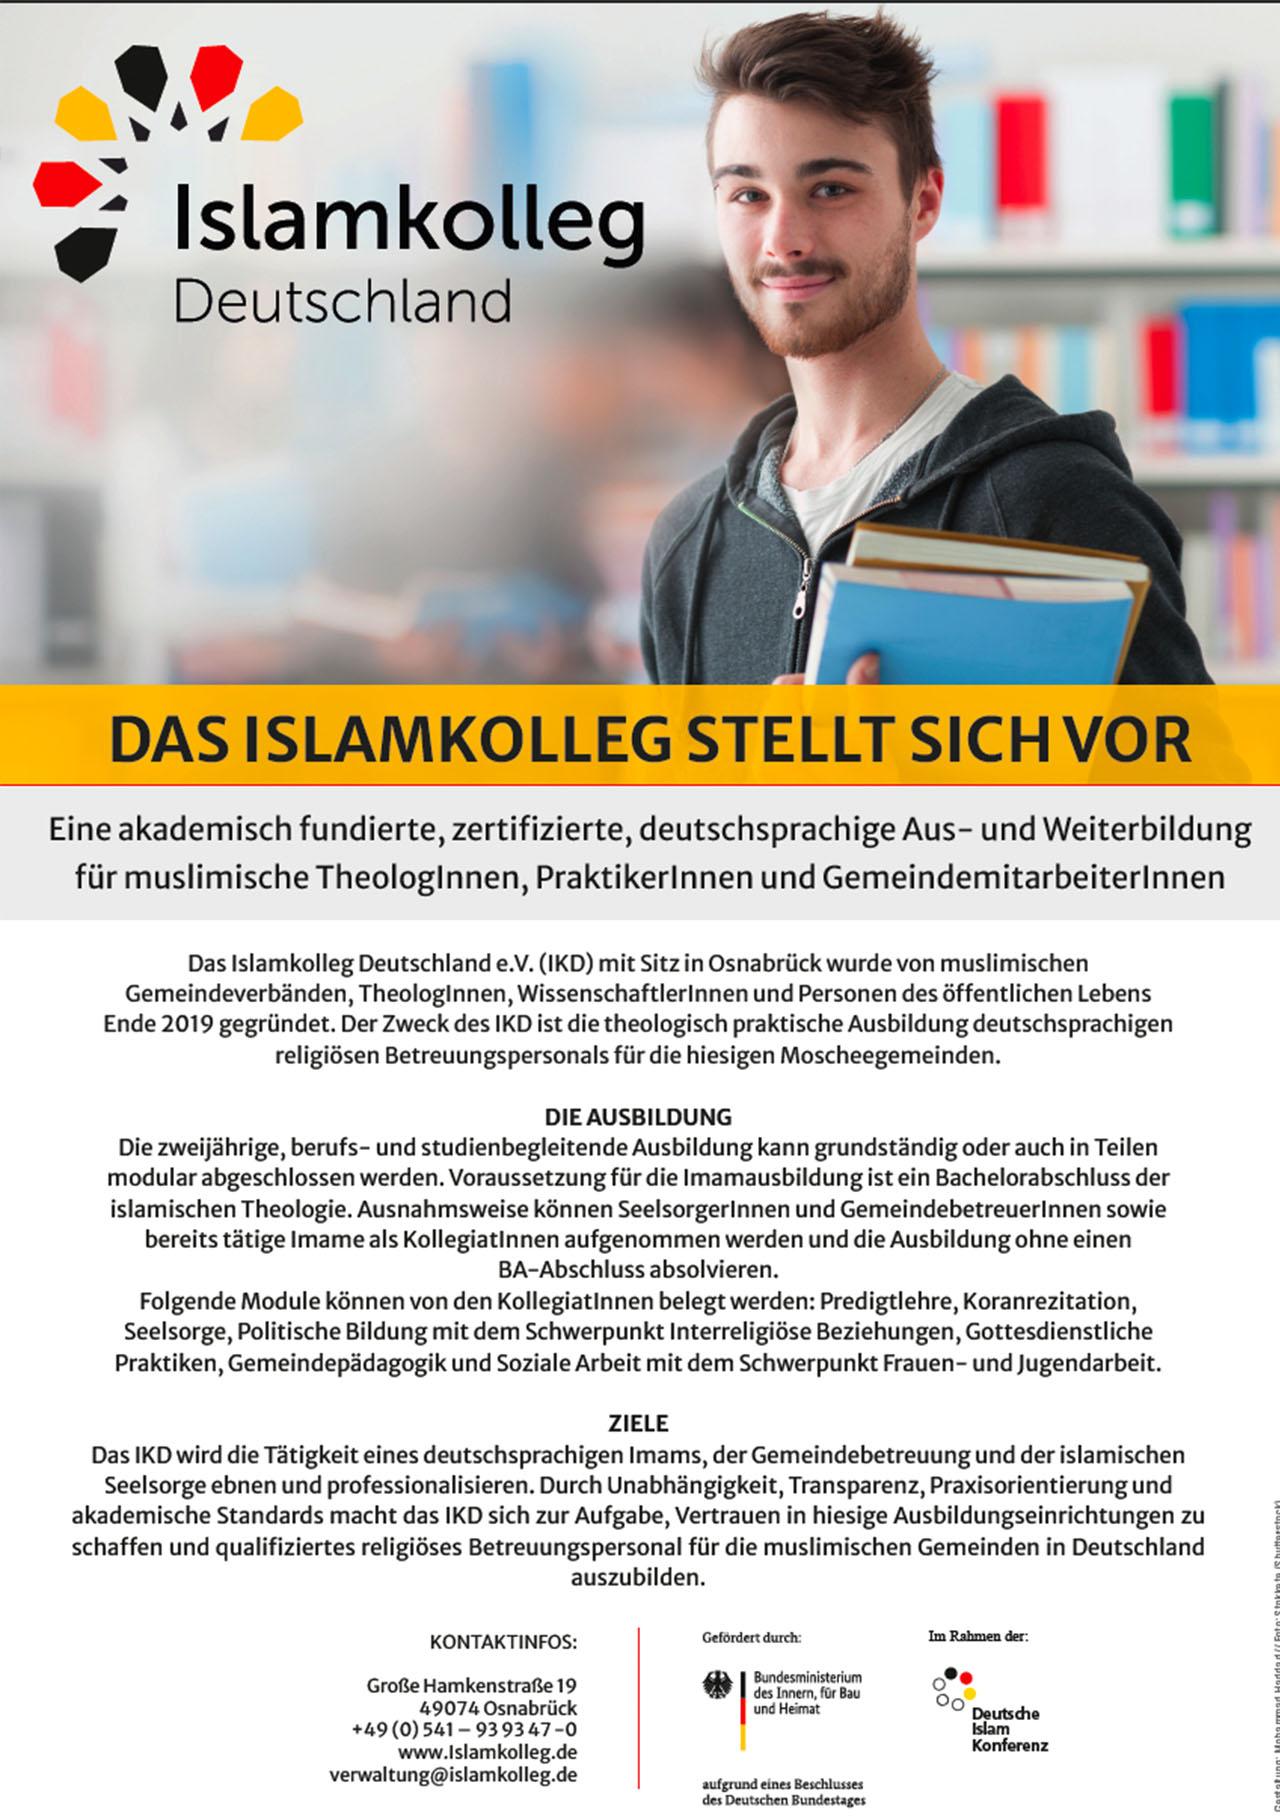 Plakat Islamkolleg Deutschland